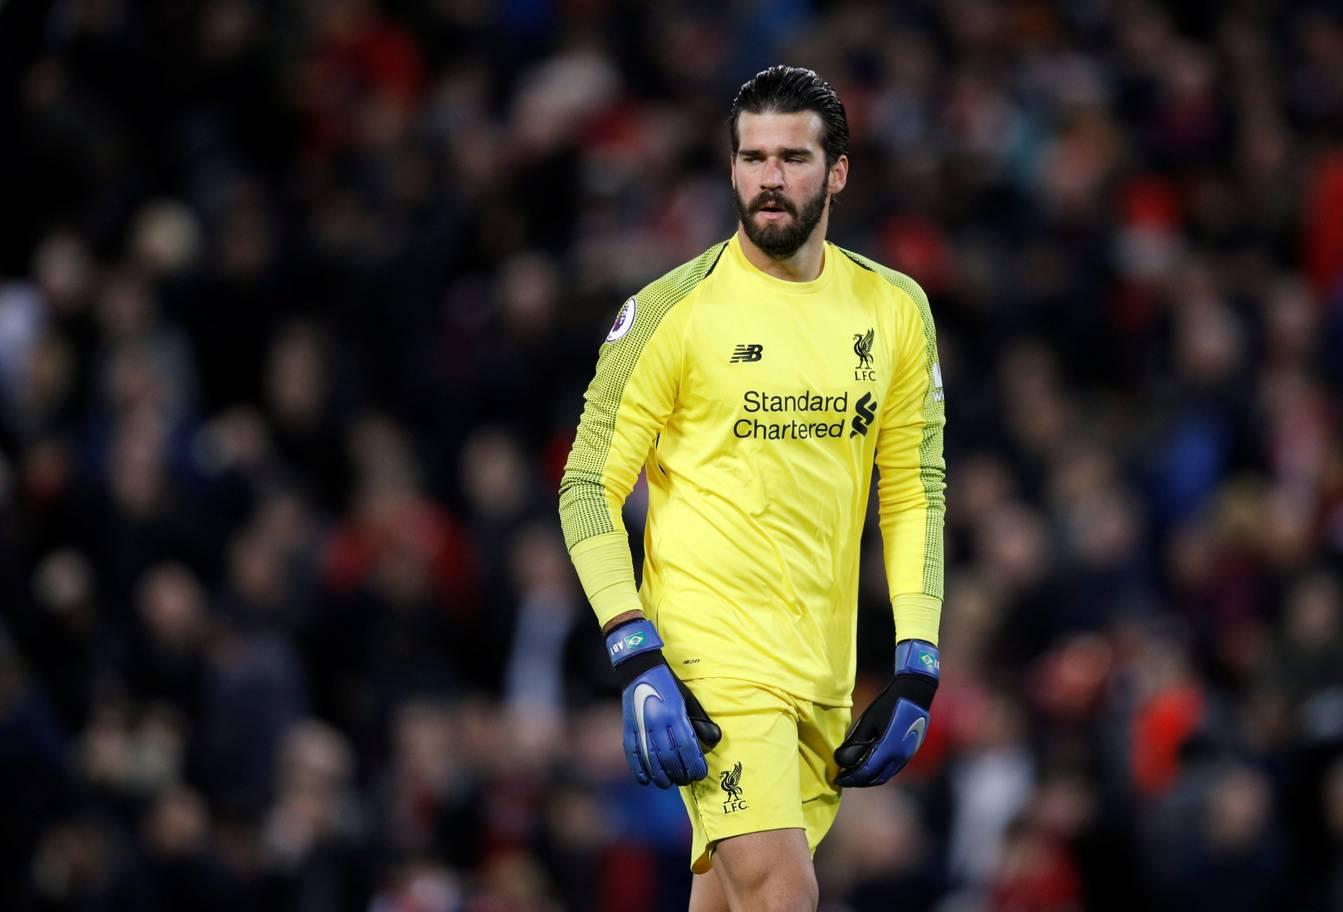 Alisson - 8: Có 2 pha cứu thua xuất thần trước Andre Gomes và Walcott. Góp công lớn vào thắng lợi của Liverpool.